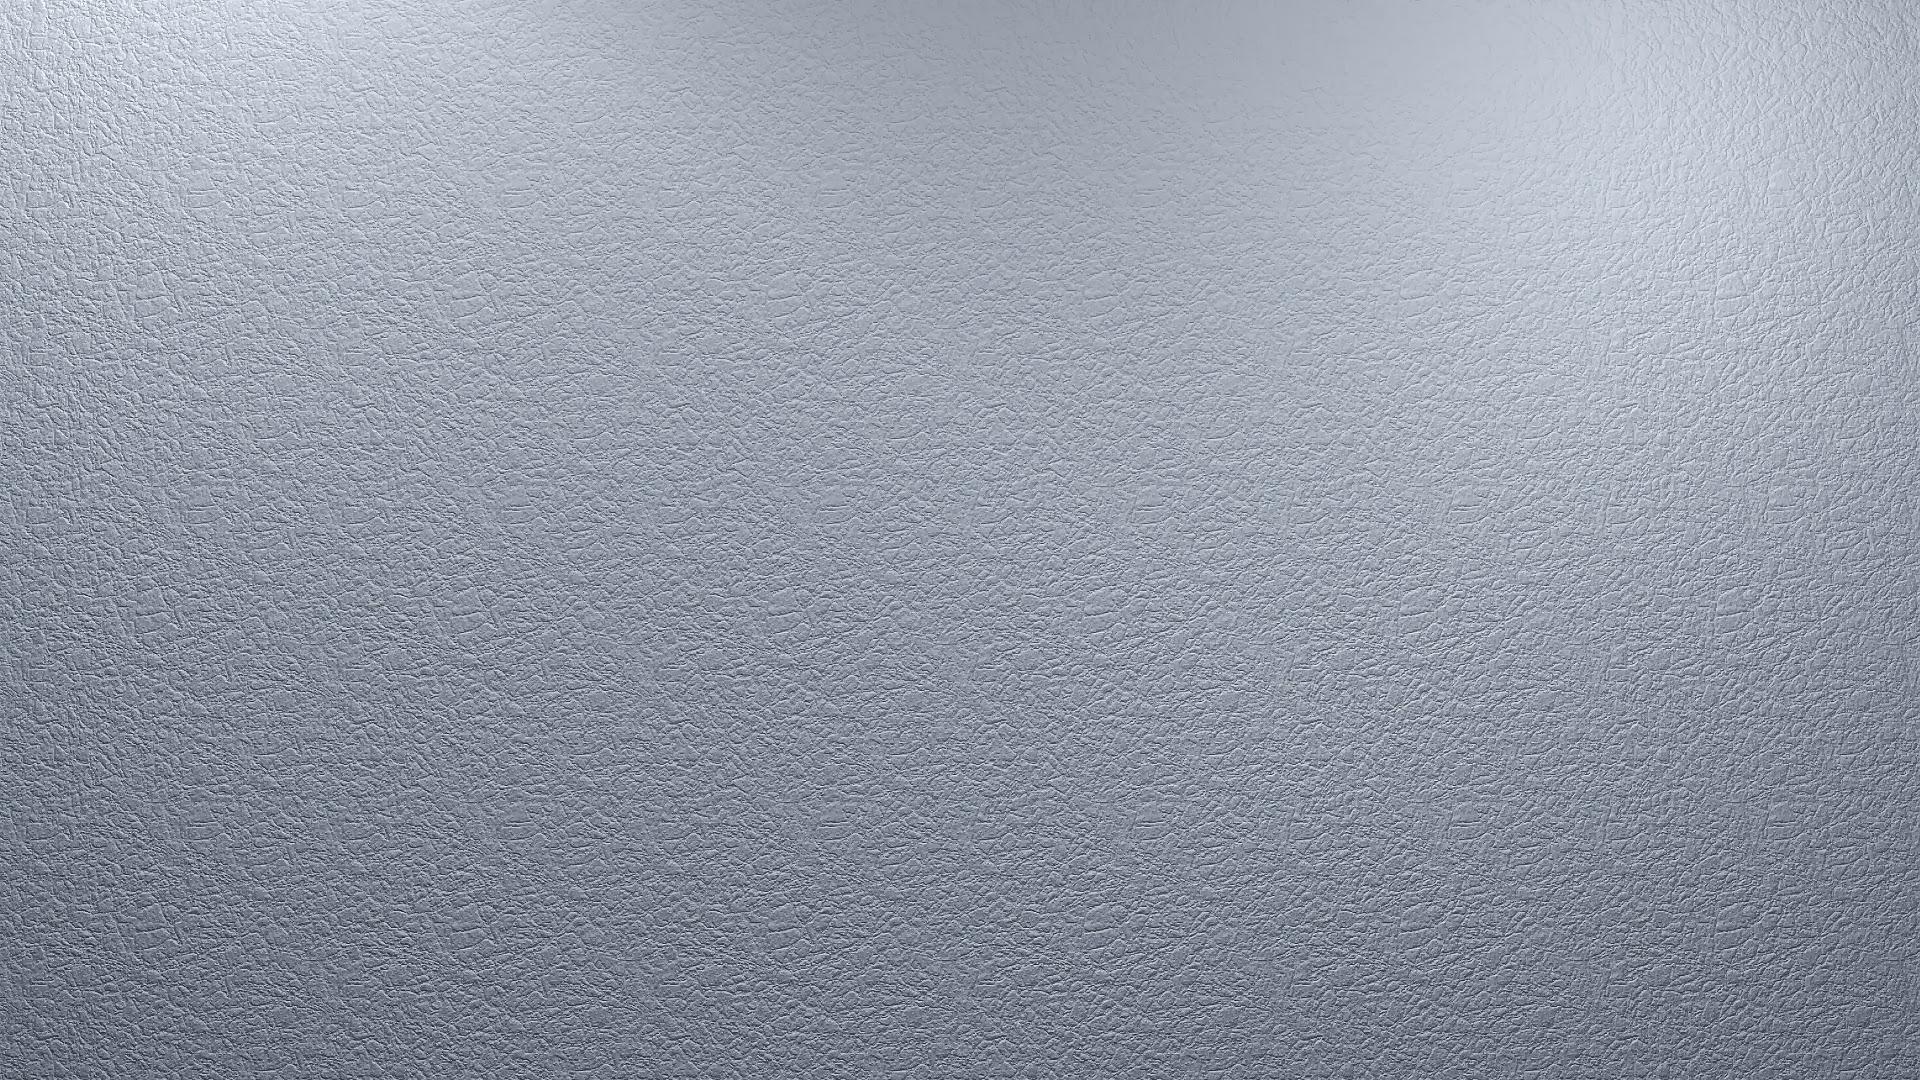 Fondos grises compra imgenes y fotos vector sin patrn for Fondo de pantalla gris